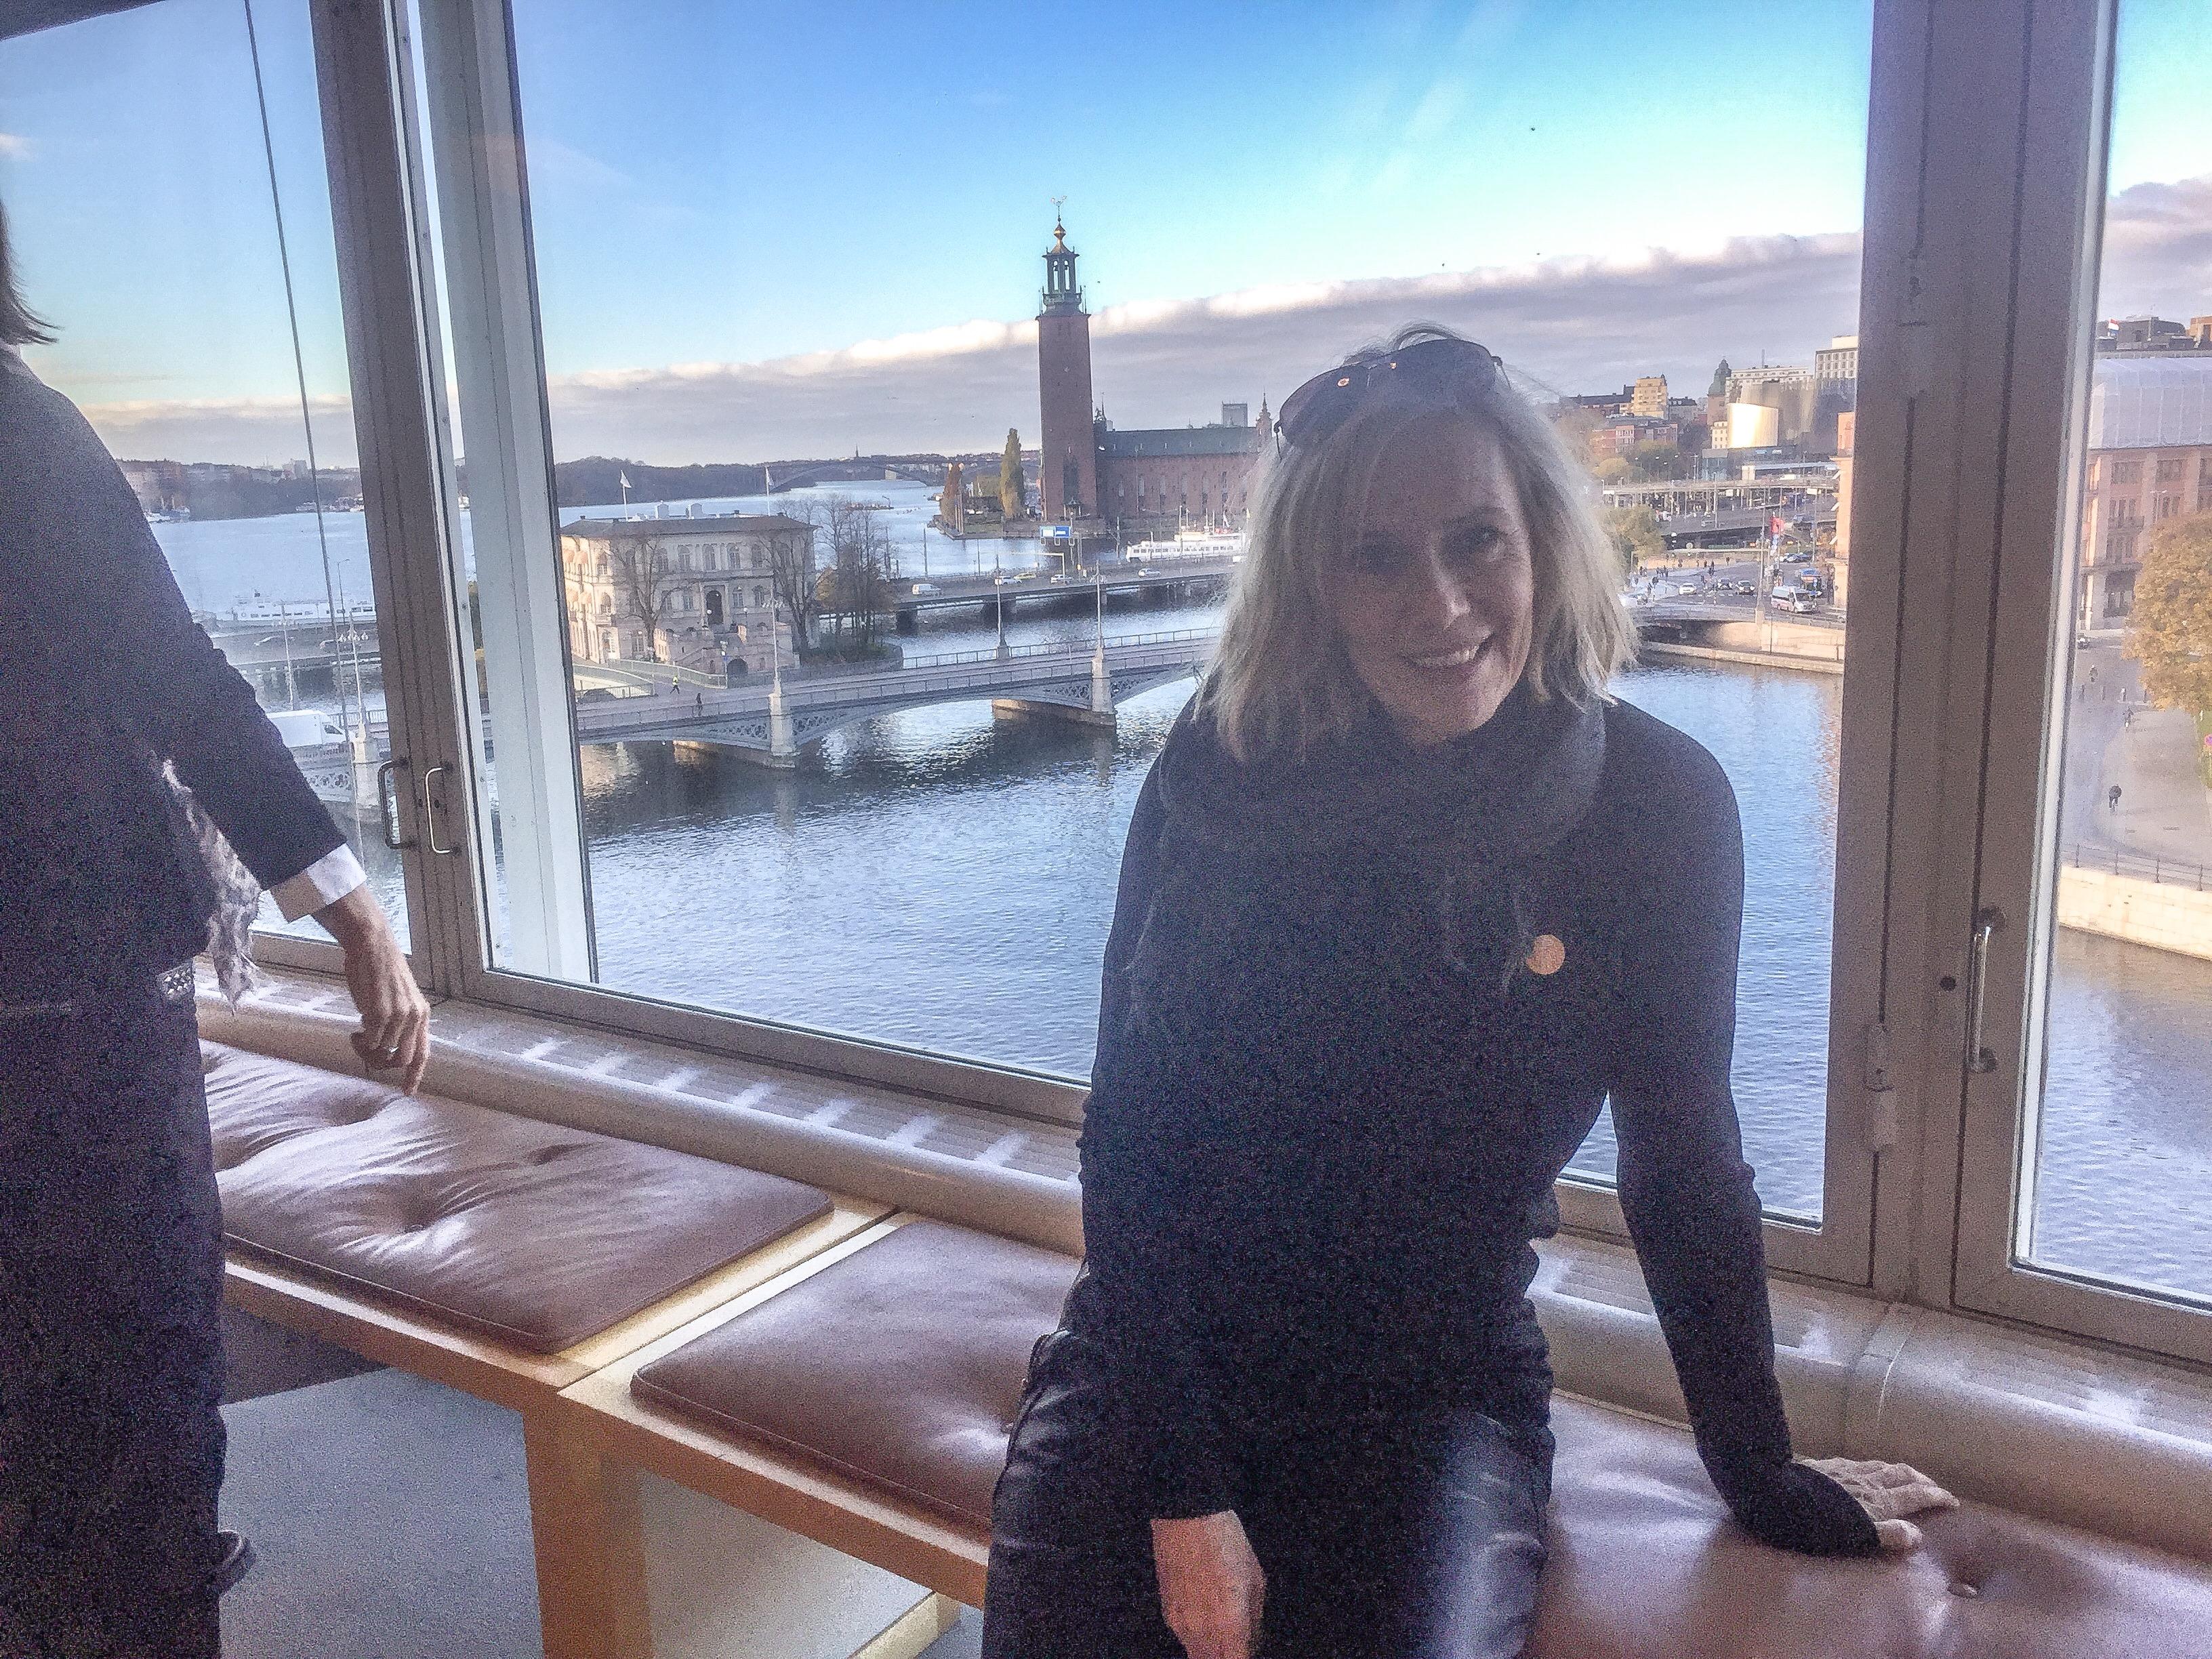 riksdagen-i-sverige-stockholm